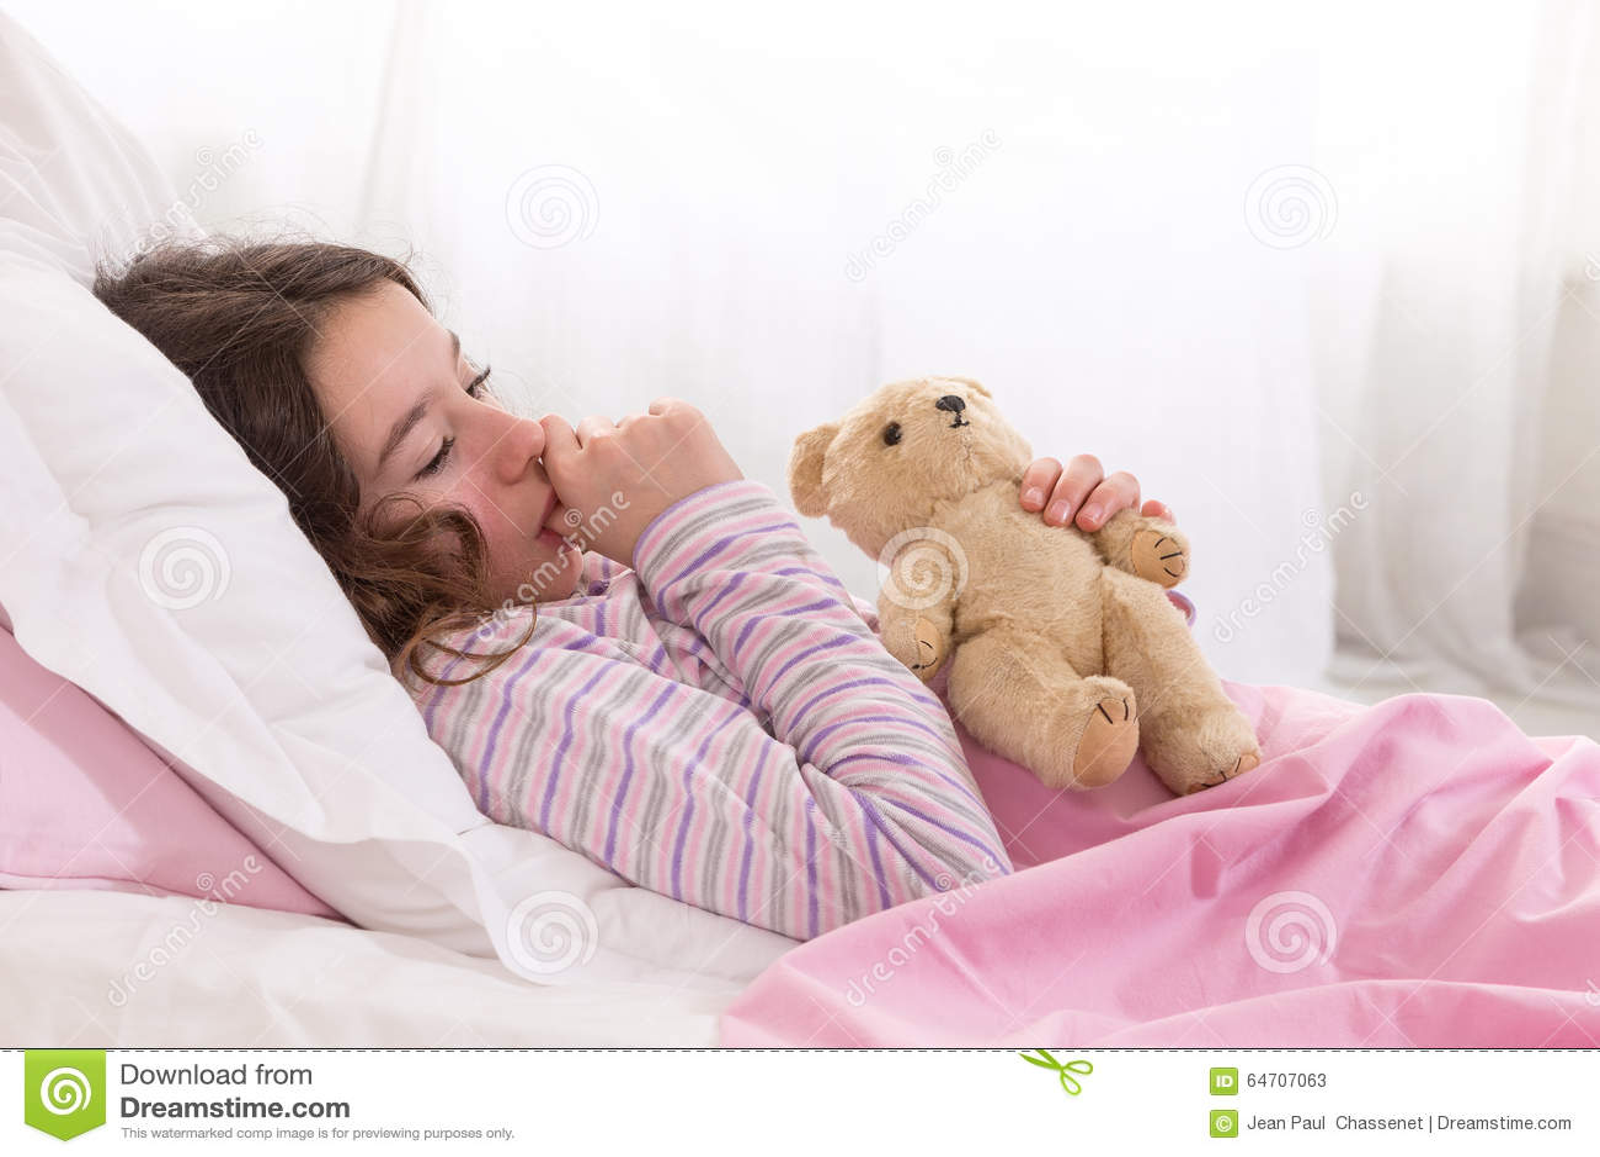 junger jugendlicher schlafend im bett mit teddy bear. Black Bedroom Furniture Sets. Home Design Ideas